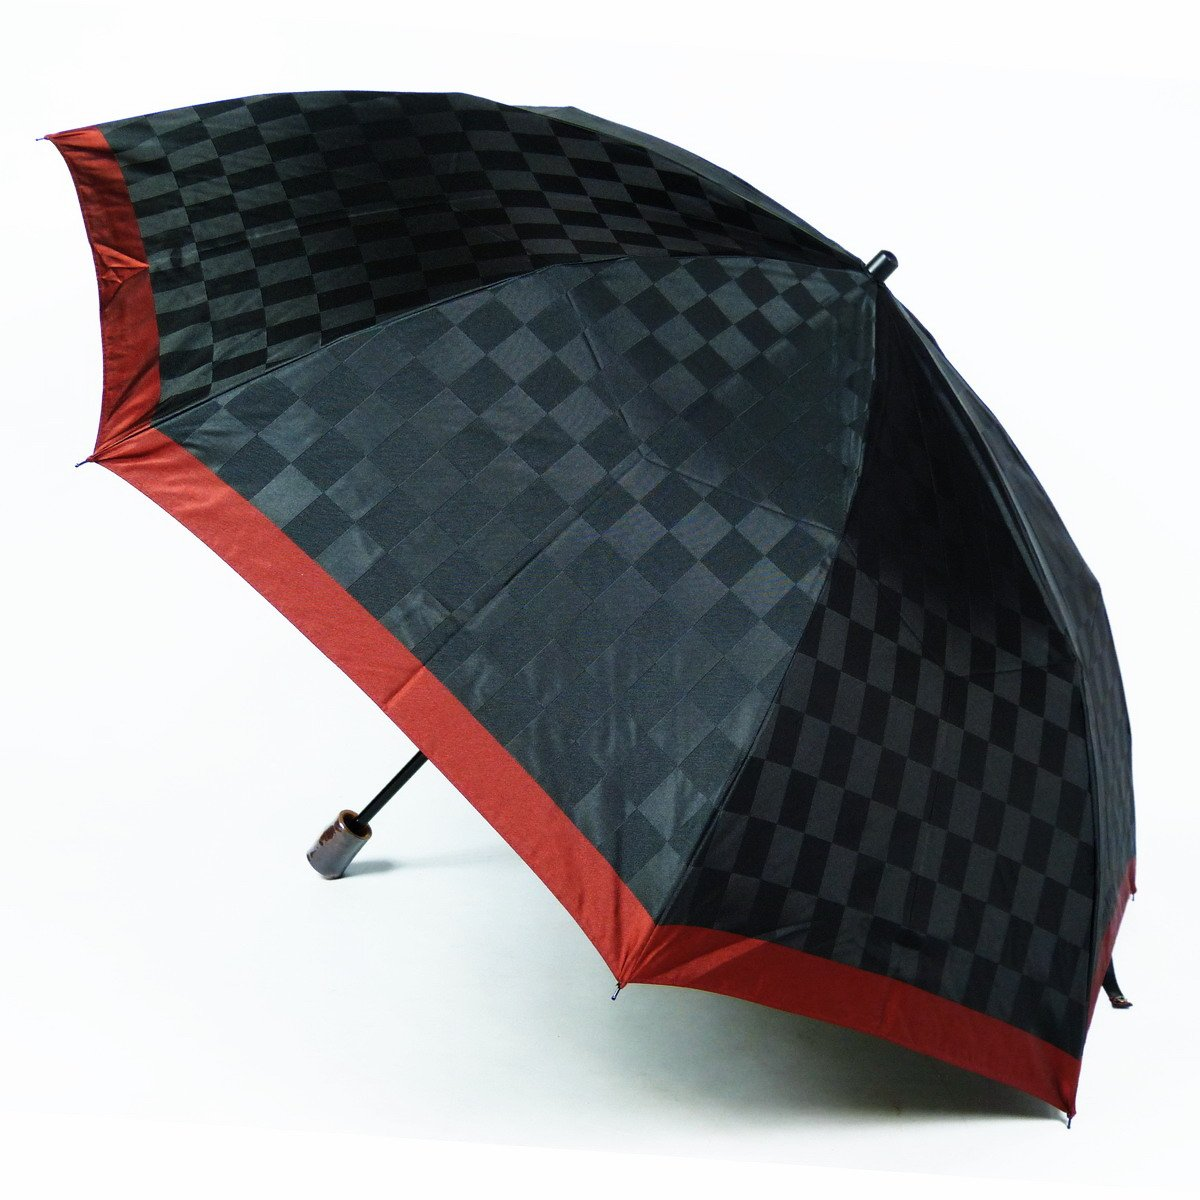 アスティ 傘 メンズ 折りたたみ傘 先染 ブロック 格子 2段式 親骨 60cm 日本製 16021 B077ZPDKVKブラック(A)